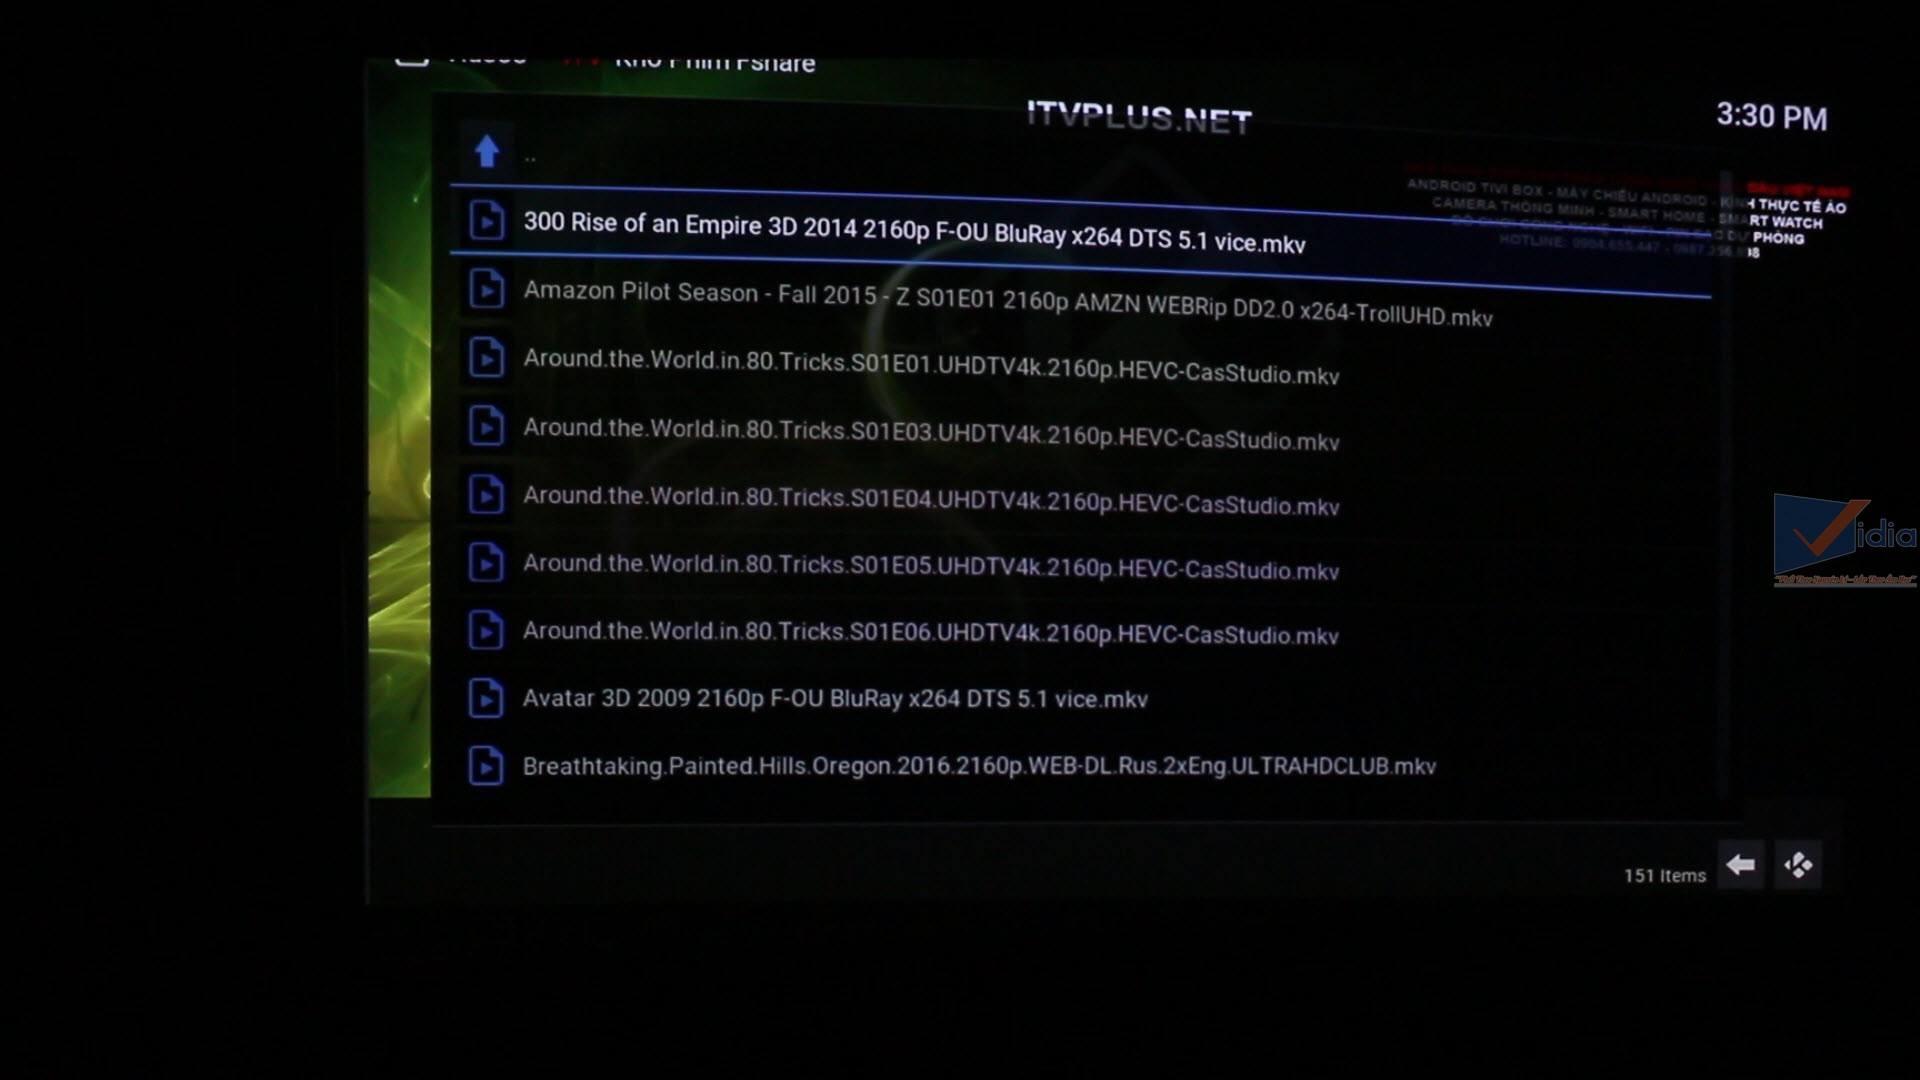 kho phim chất lượng cao như 4K Ultra HD, phim 3D, các phim Việt Nam